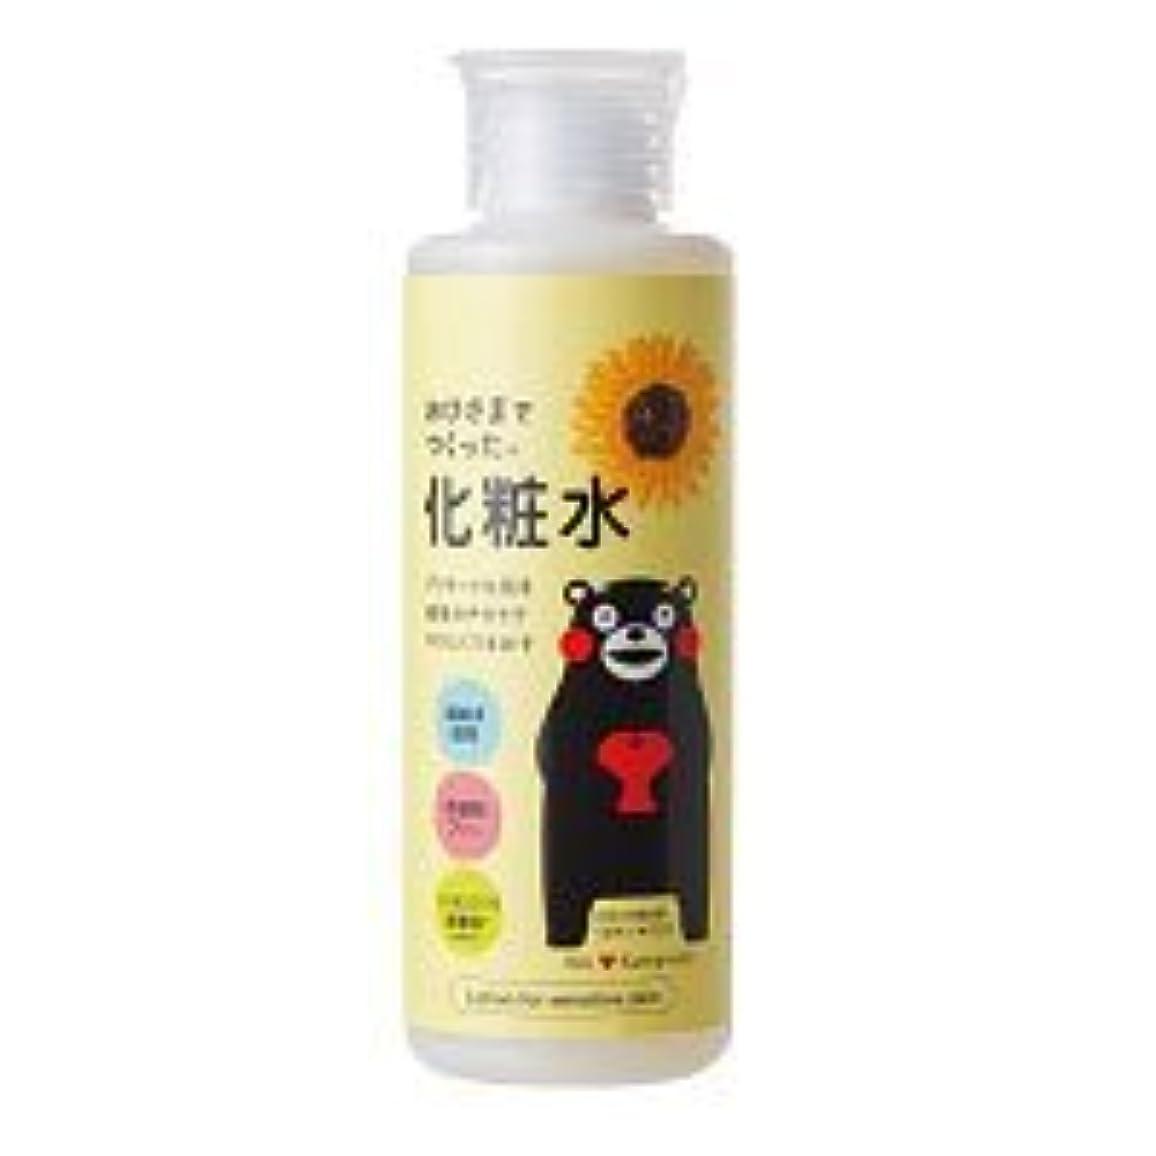 防腐剤ウミウシ承認するおひさまでつくった化粧水E 150ml